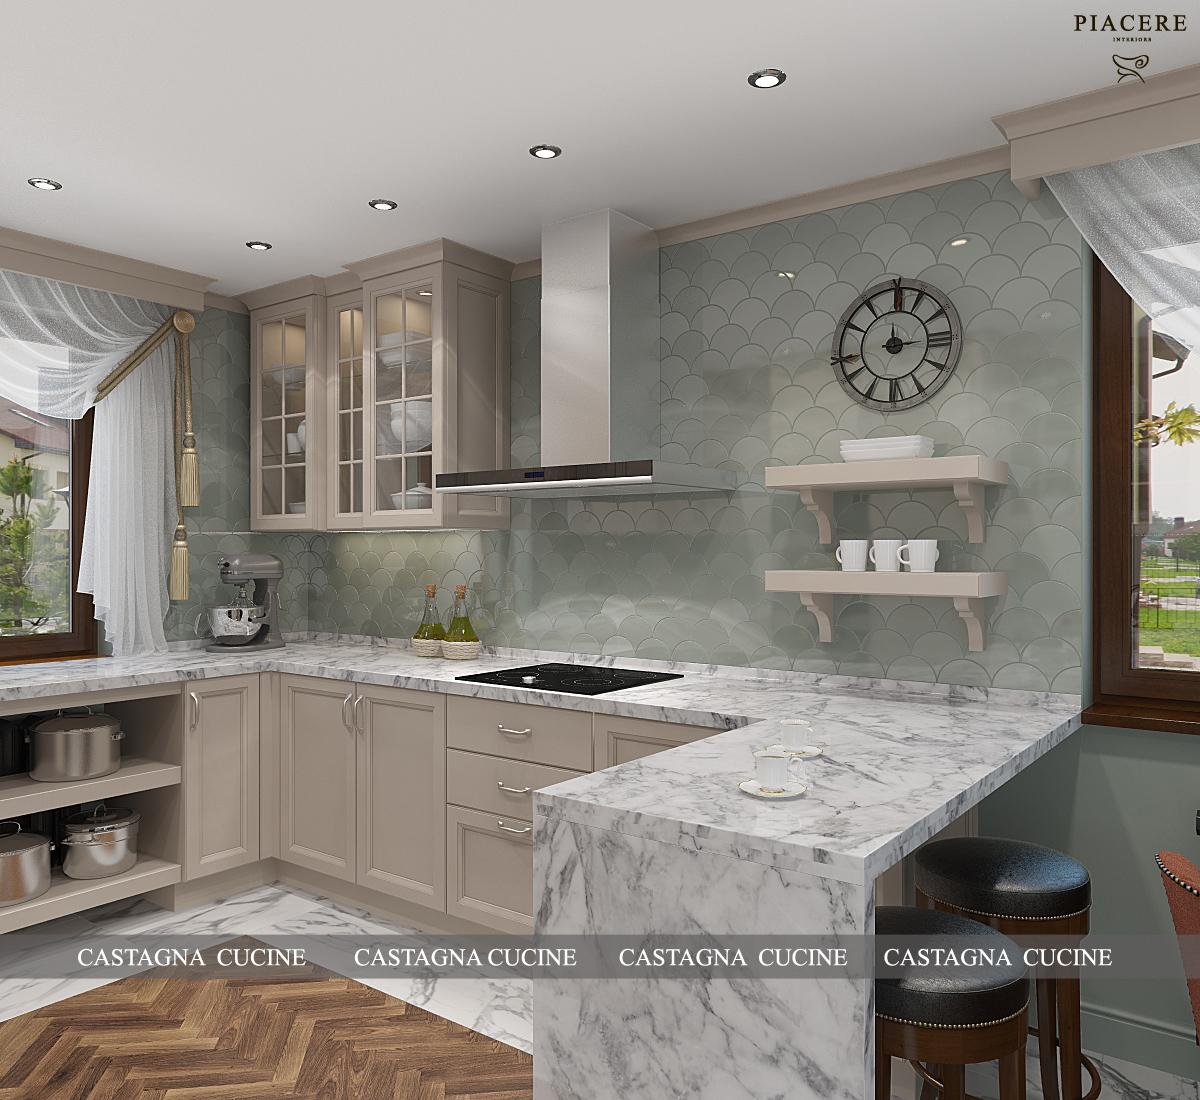 _SSCH2014_09_03_kitchen_v1_VRayPhysicalCamera002